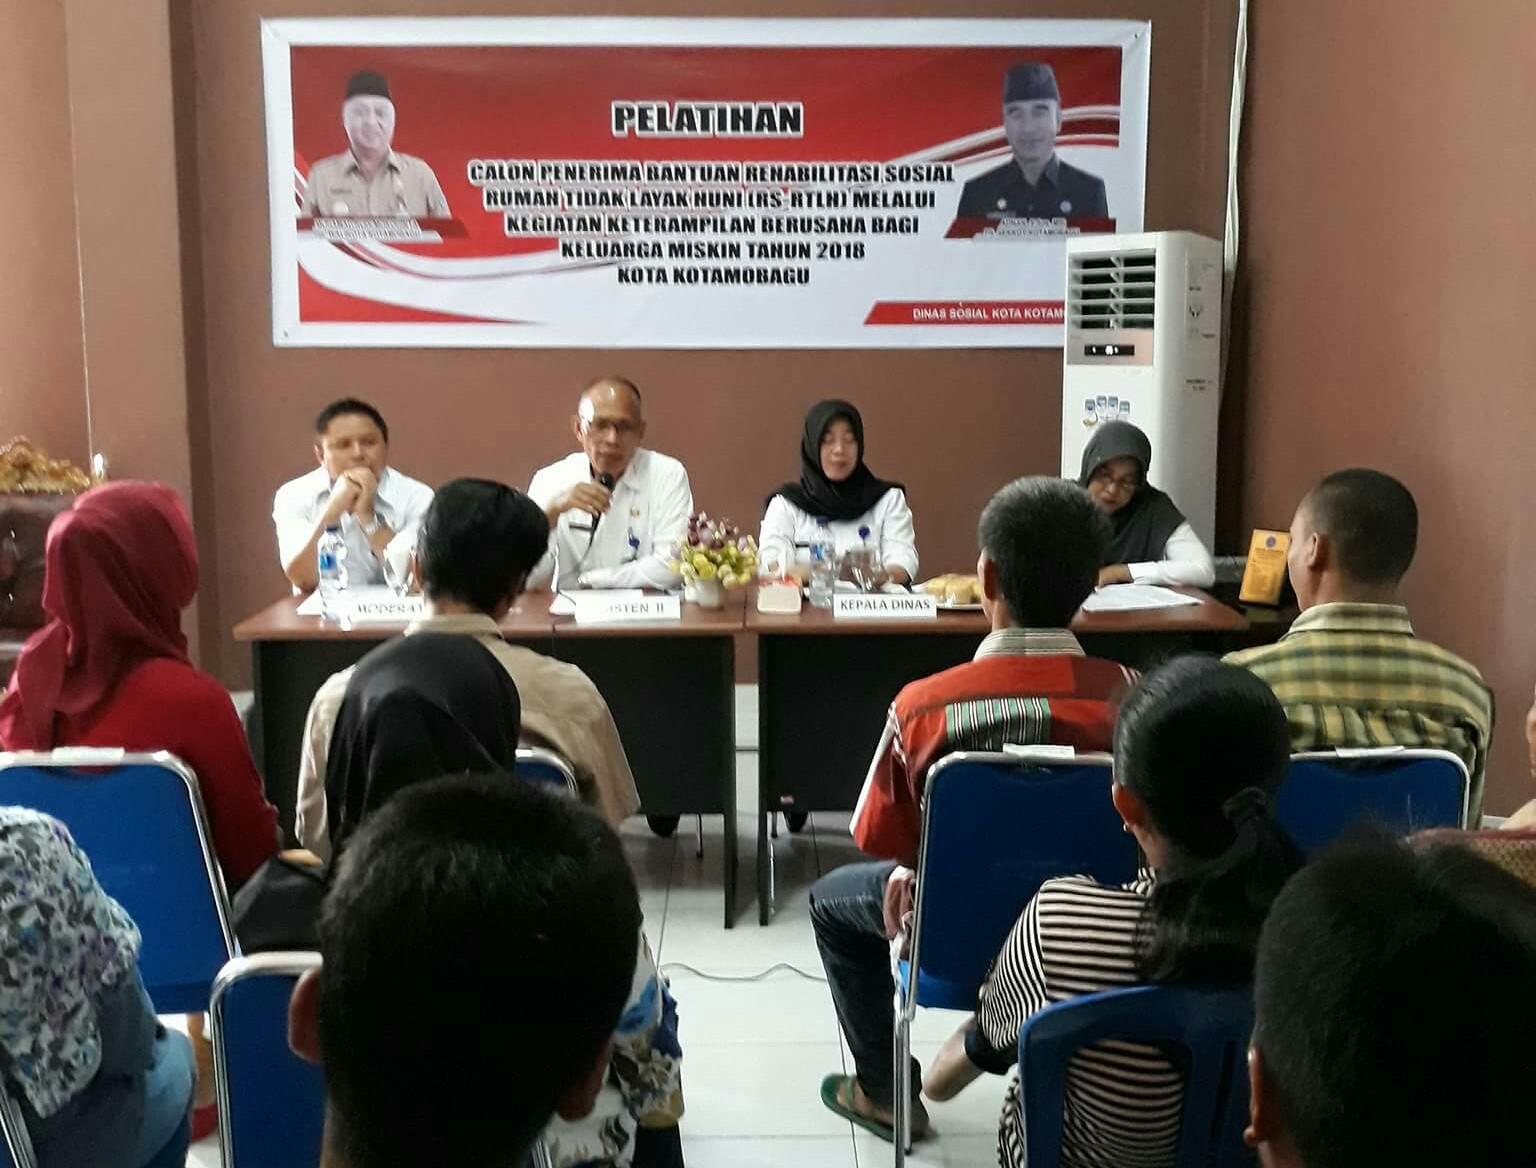 14 Kepala Keluarga di Kotamobagu Dapat Bantuan RTLH Berita Daerah Berita Kotamobagu